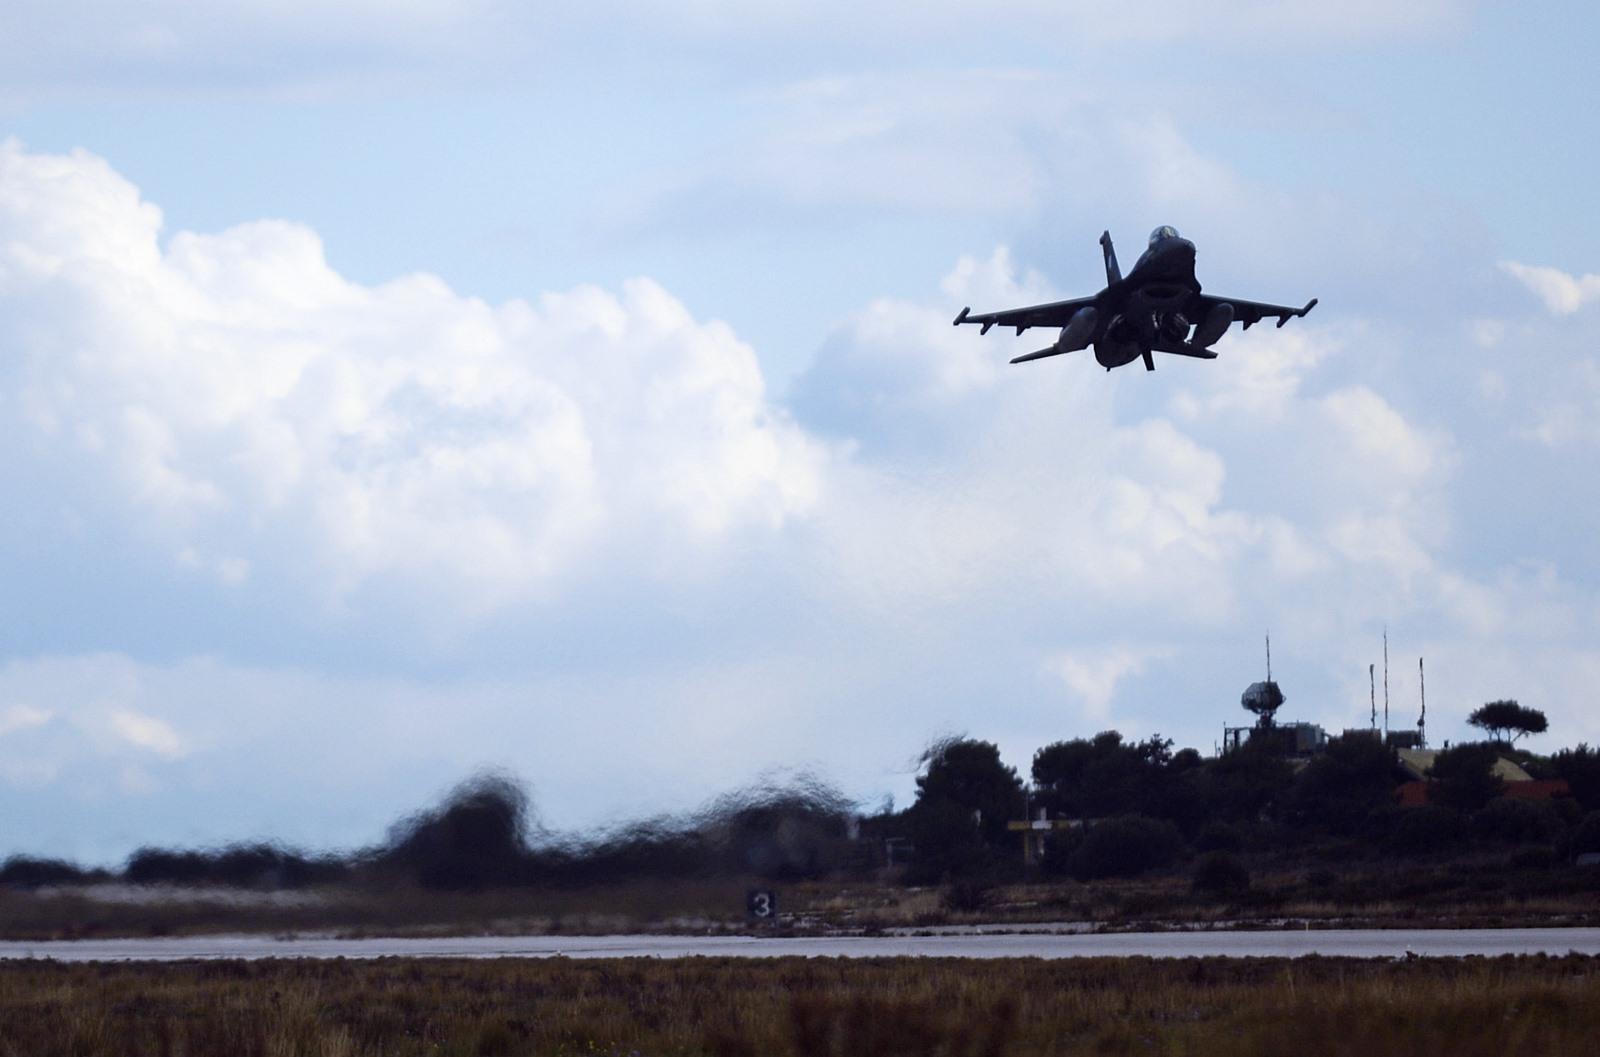 미공군과 그리스공군 F-16 전투기 합동훈련